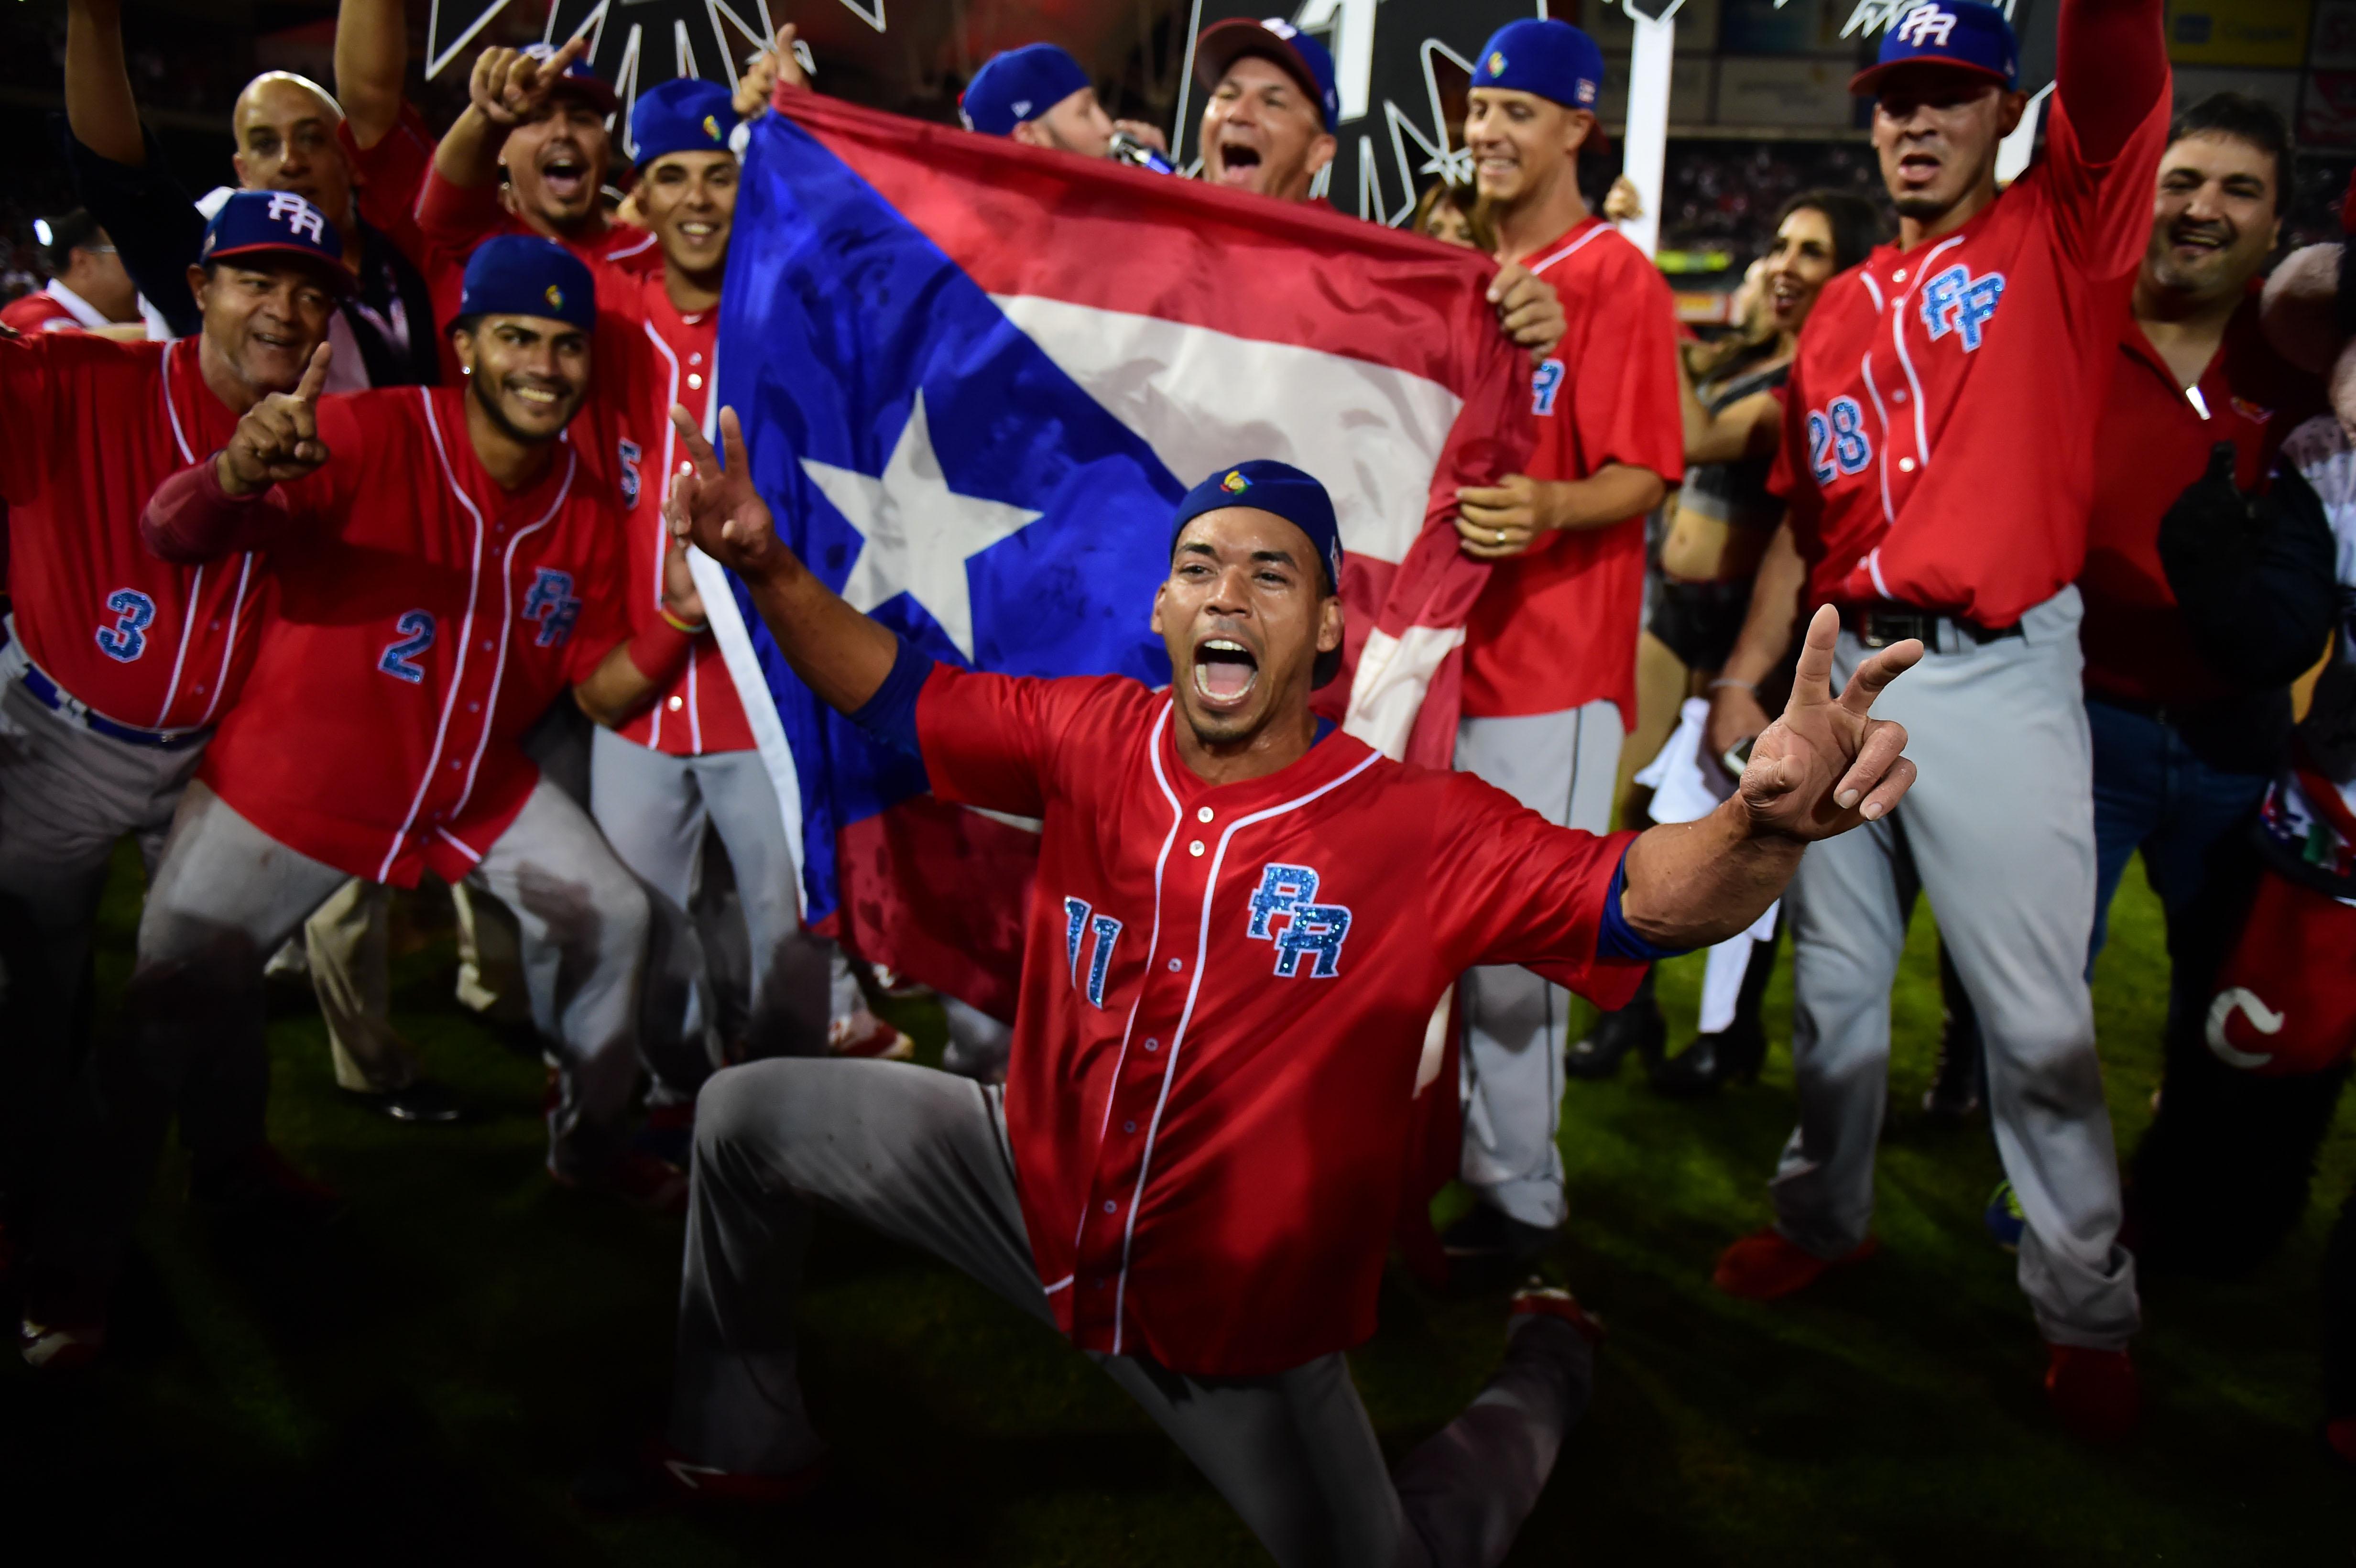 Jugadores de los Criollos de Caguas puertorriqueños celebran tras ganarle 1-0 a las Águilas de Mexicali mexicanas en la final de la Serie del Caribe en Culiacán. (Crédito: RONALDO SCHEMIDT/AFP/Getty Images)